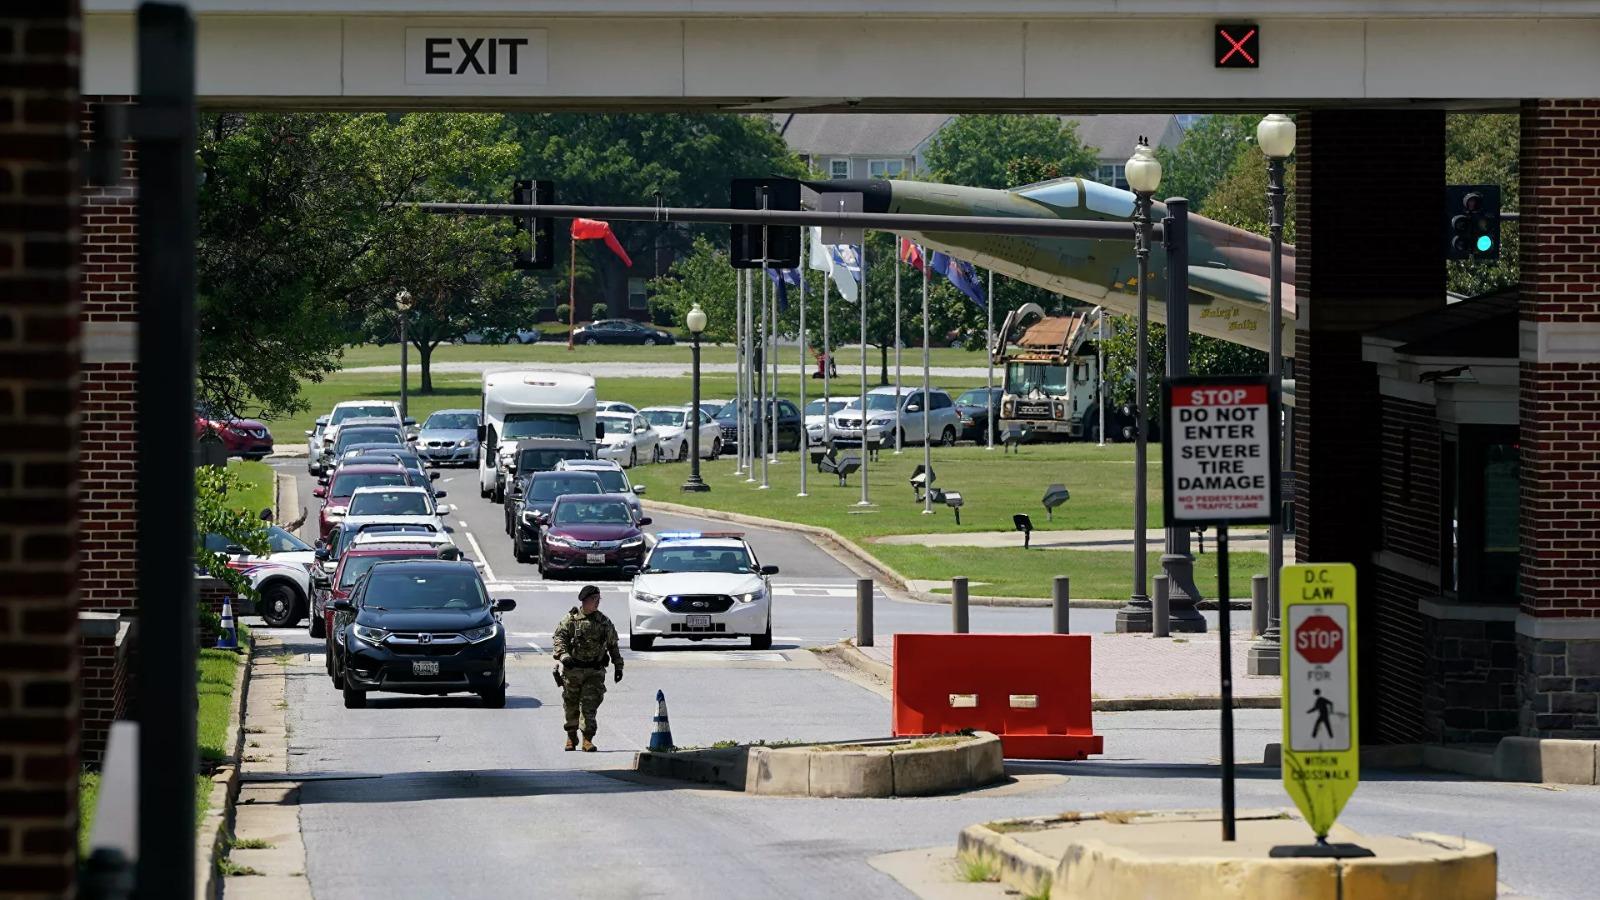 Washington'daki askeri üs silahlı saldırı tehdidiyle kapatıldı